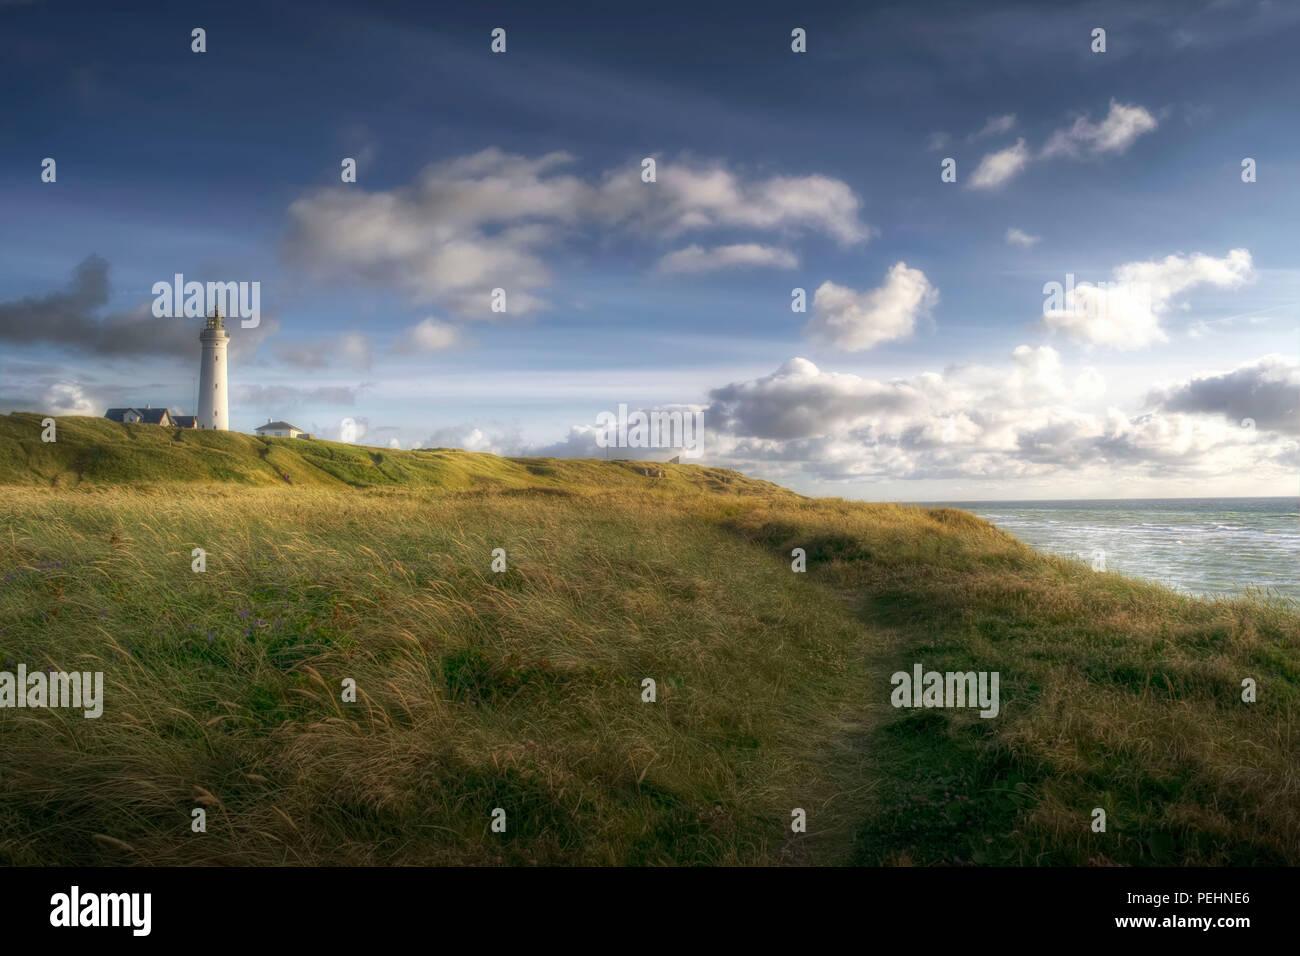 Fotografiert, während ich für die Fähre nach Norwegen war Warten.. Der Leuchtturm Hirtshals ist neben einem wunderschönen Sandstrand.. Stockbild